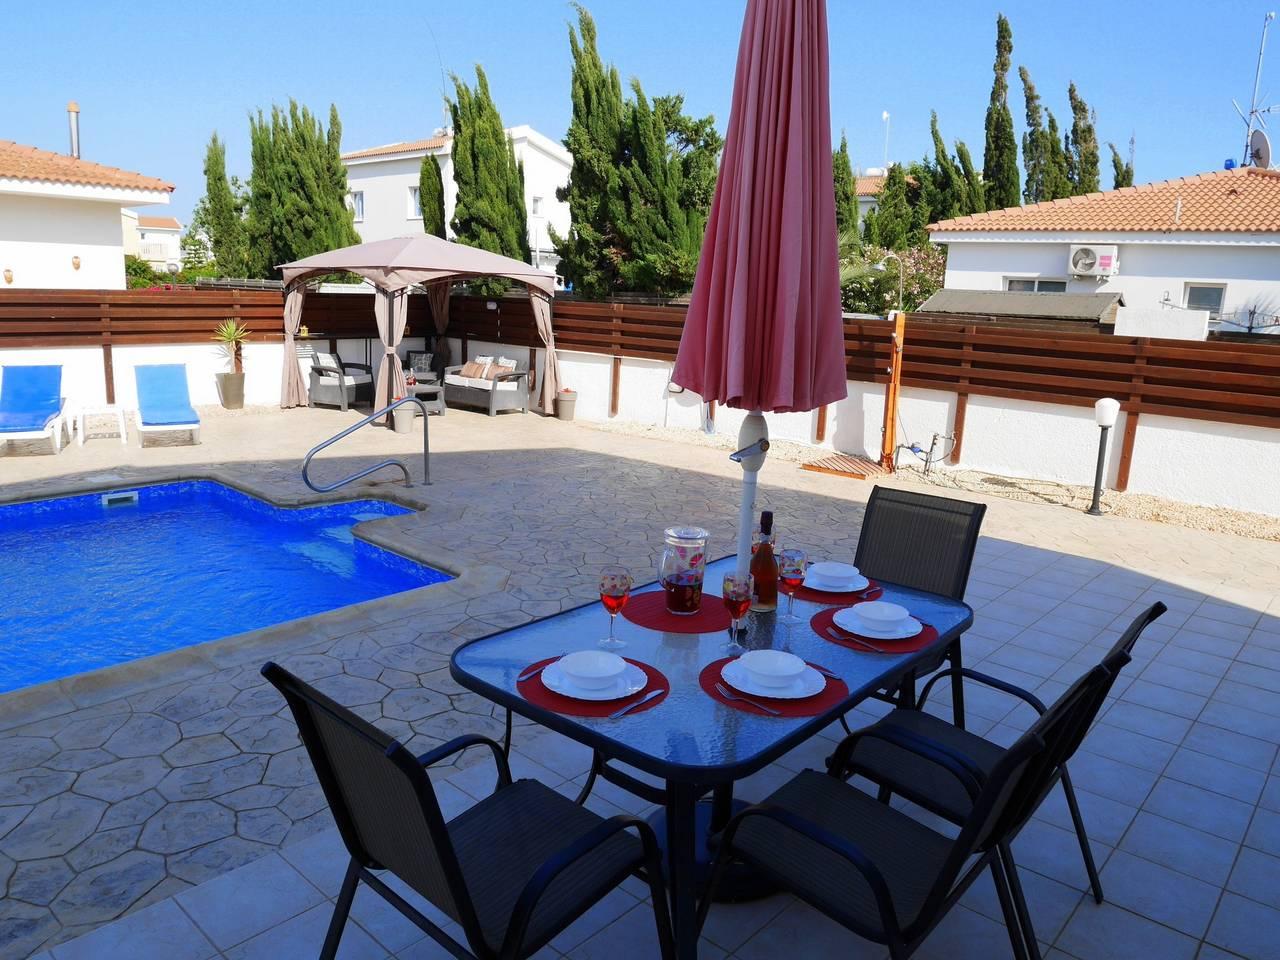 Apartment Villa Mon - 2 Bedroom Villa with Private Pool photo 25668491